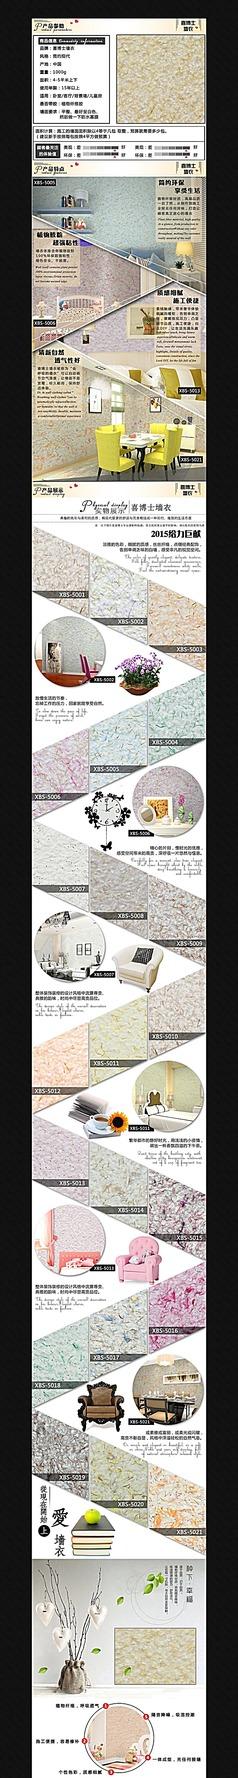 淘宝天猫壁纸细节描述